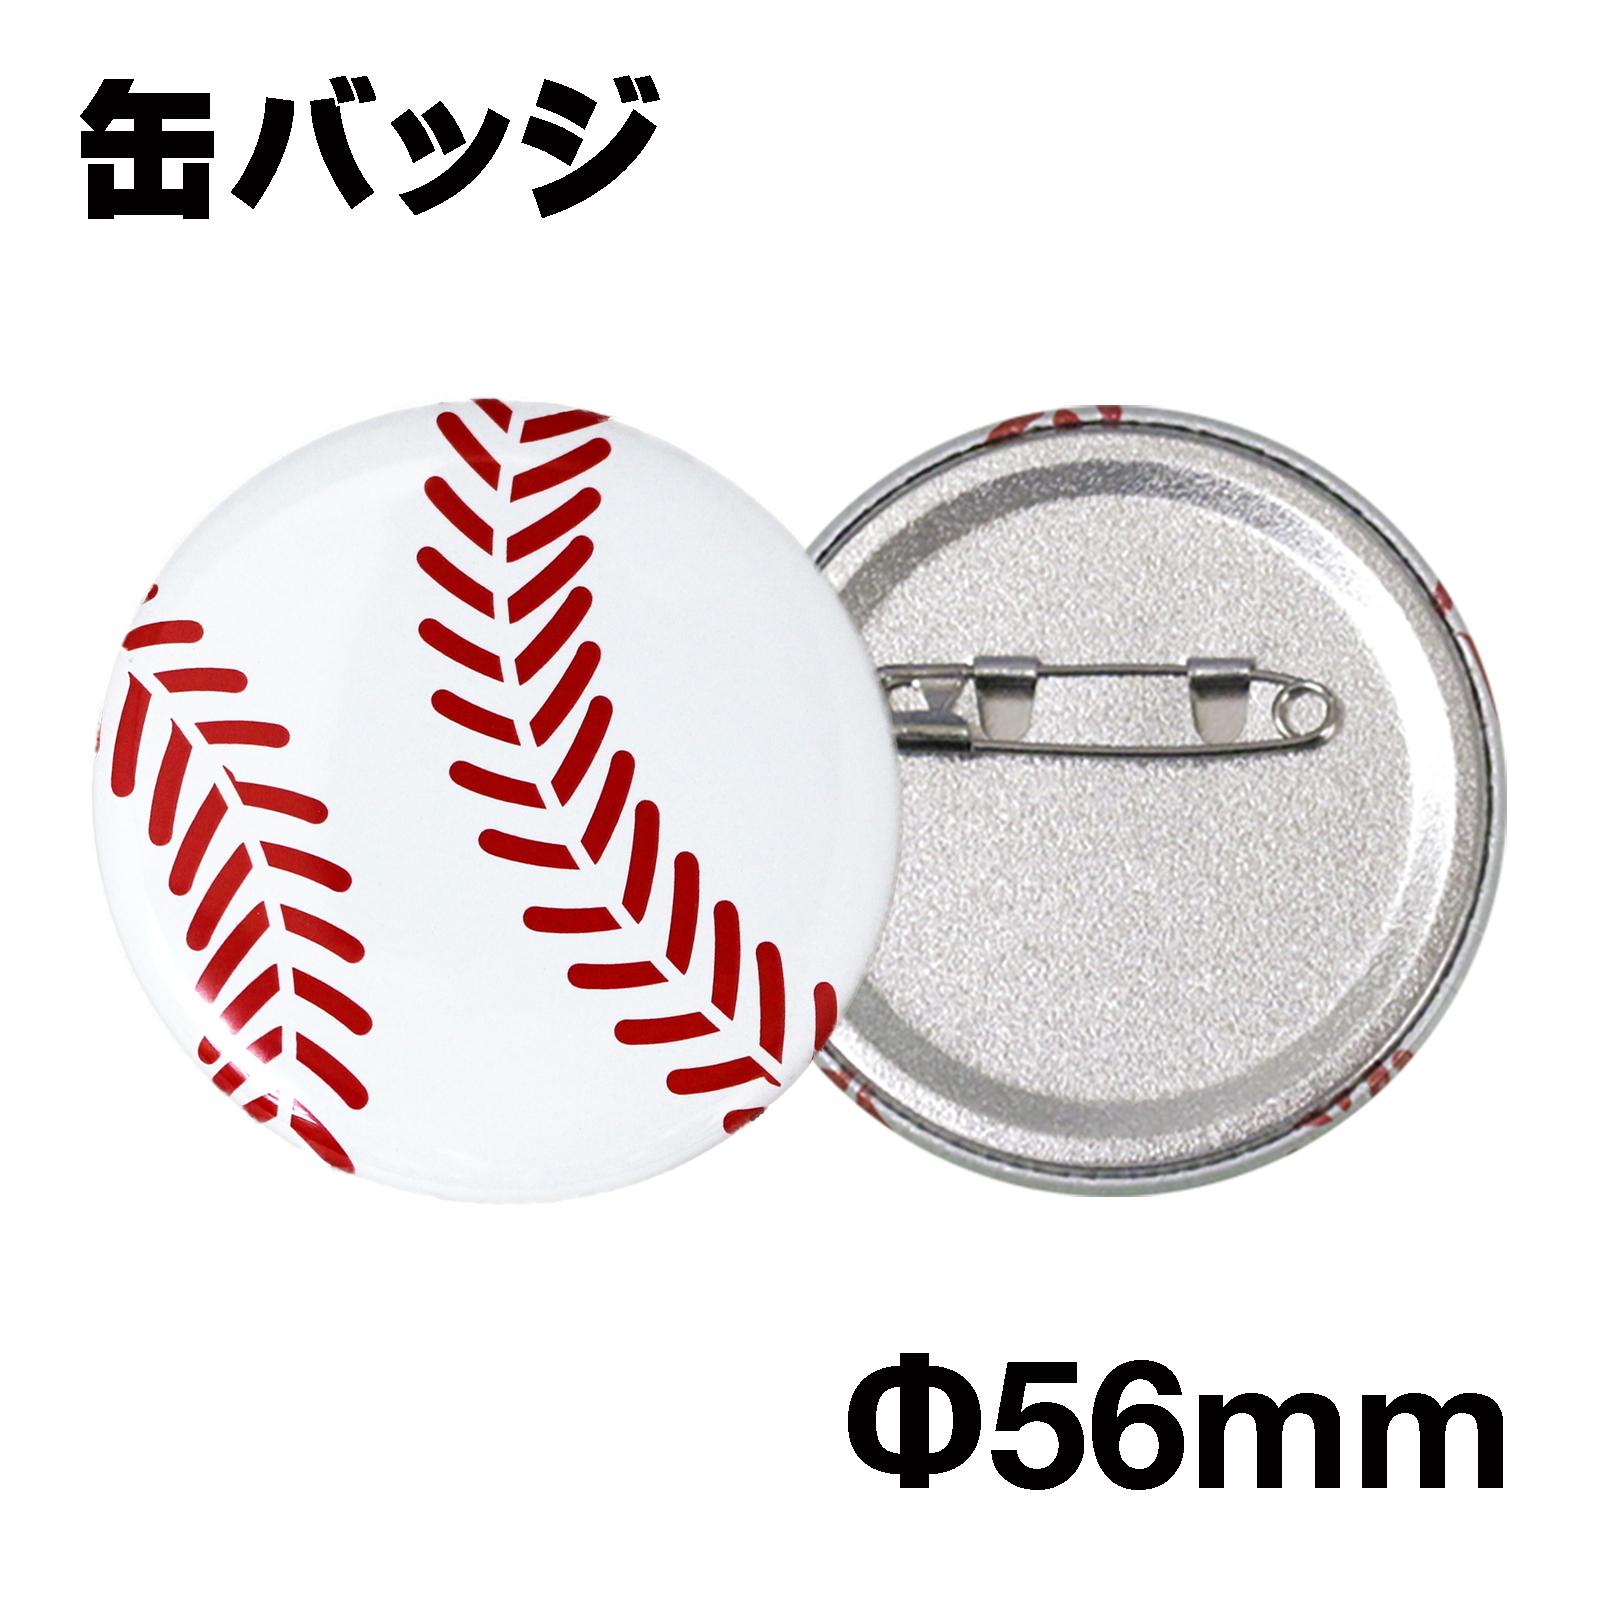 缶バッチ(野球ボール柄) 仕様・サイズ